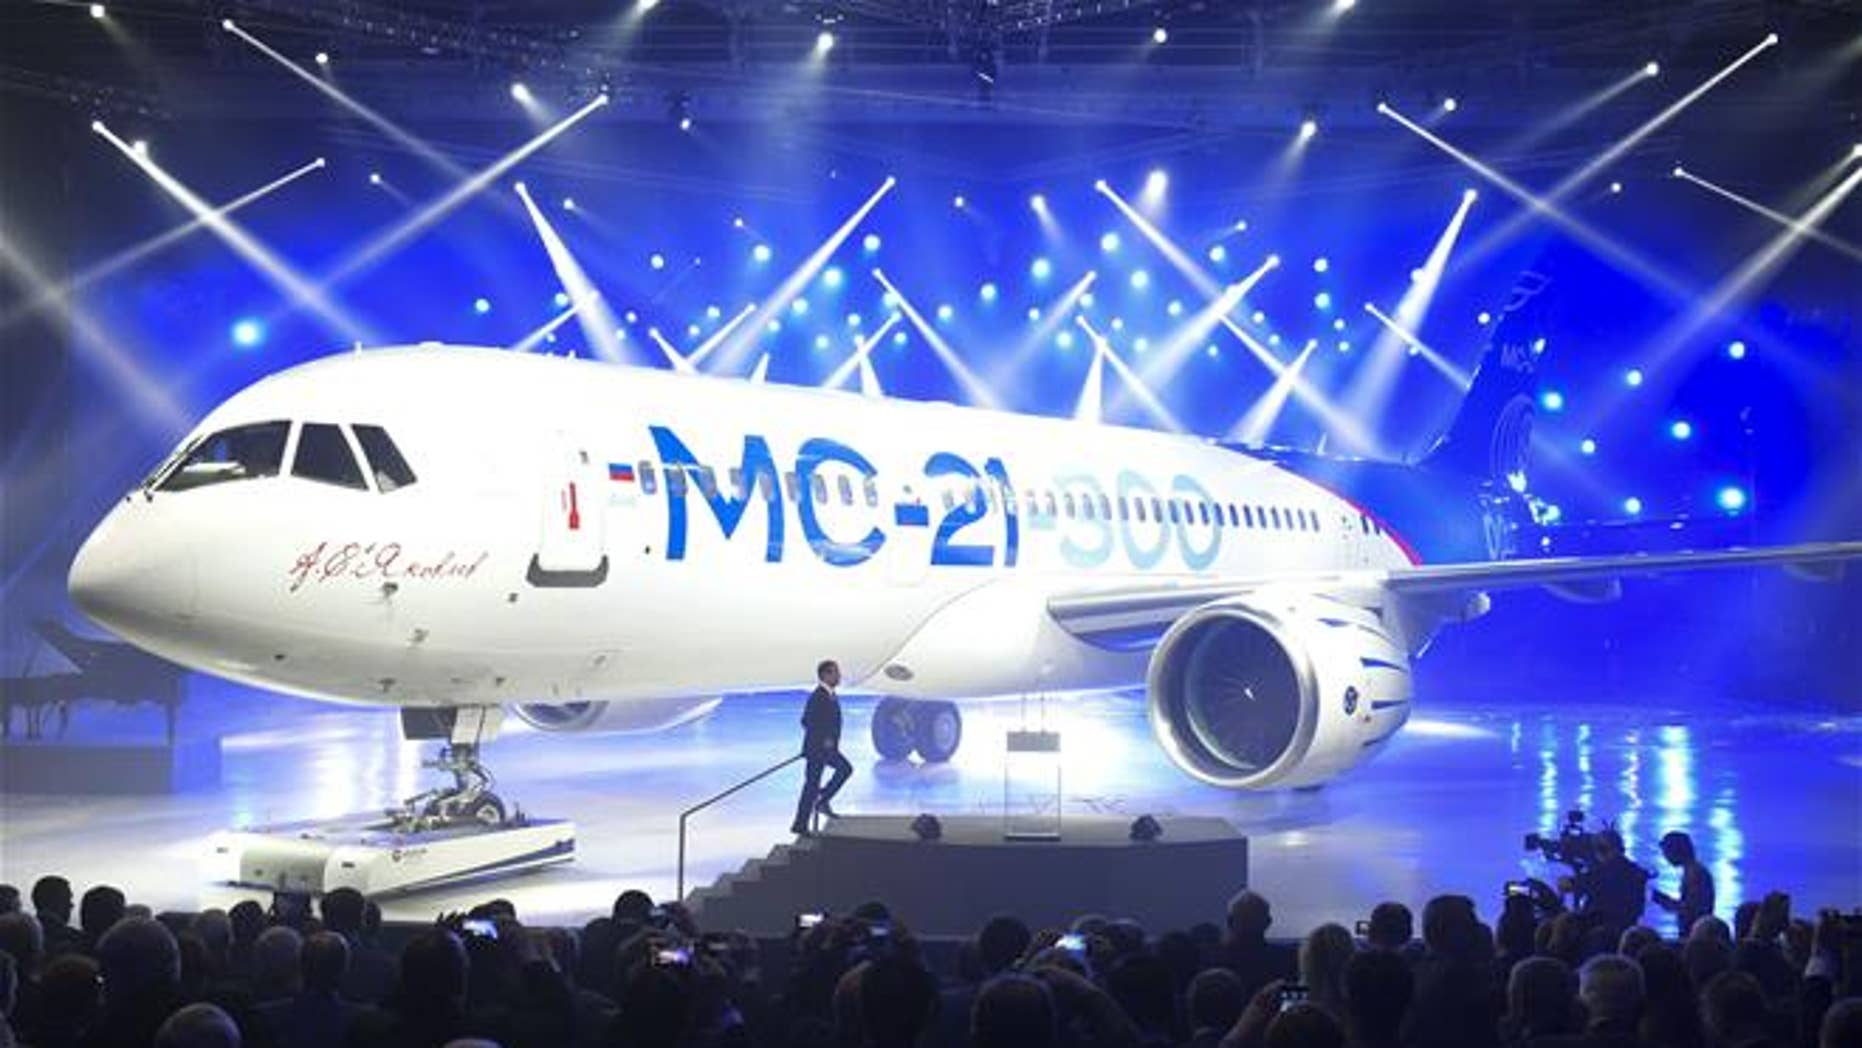 The MC-21-300 is seen in Irkutsk, Russia.